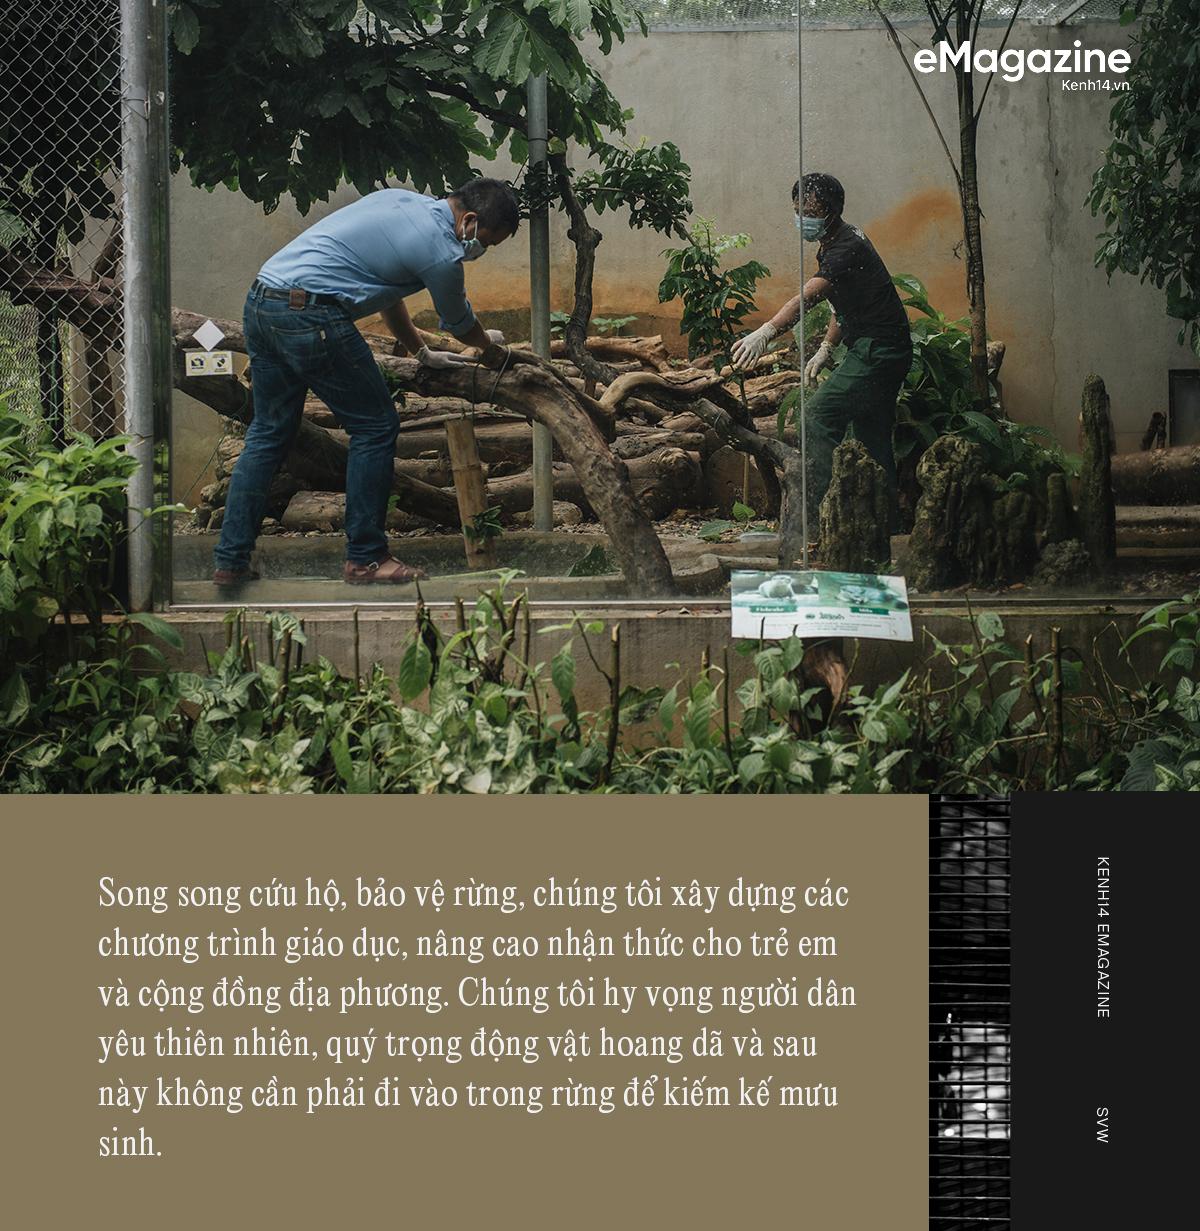 """Đi tìm công bằng cho tê tê - Câu chuyện đầy xúc động của Nhà bảo tồn đầu tiên tại Việt Nam dành giải thưởng danh giá Nobel xanh"""" - Ảnh 9."""